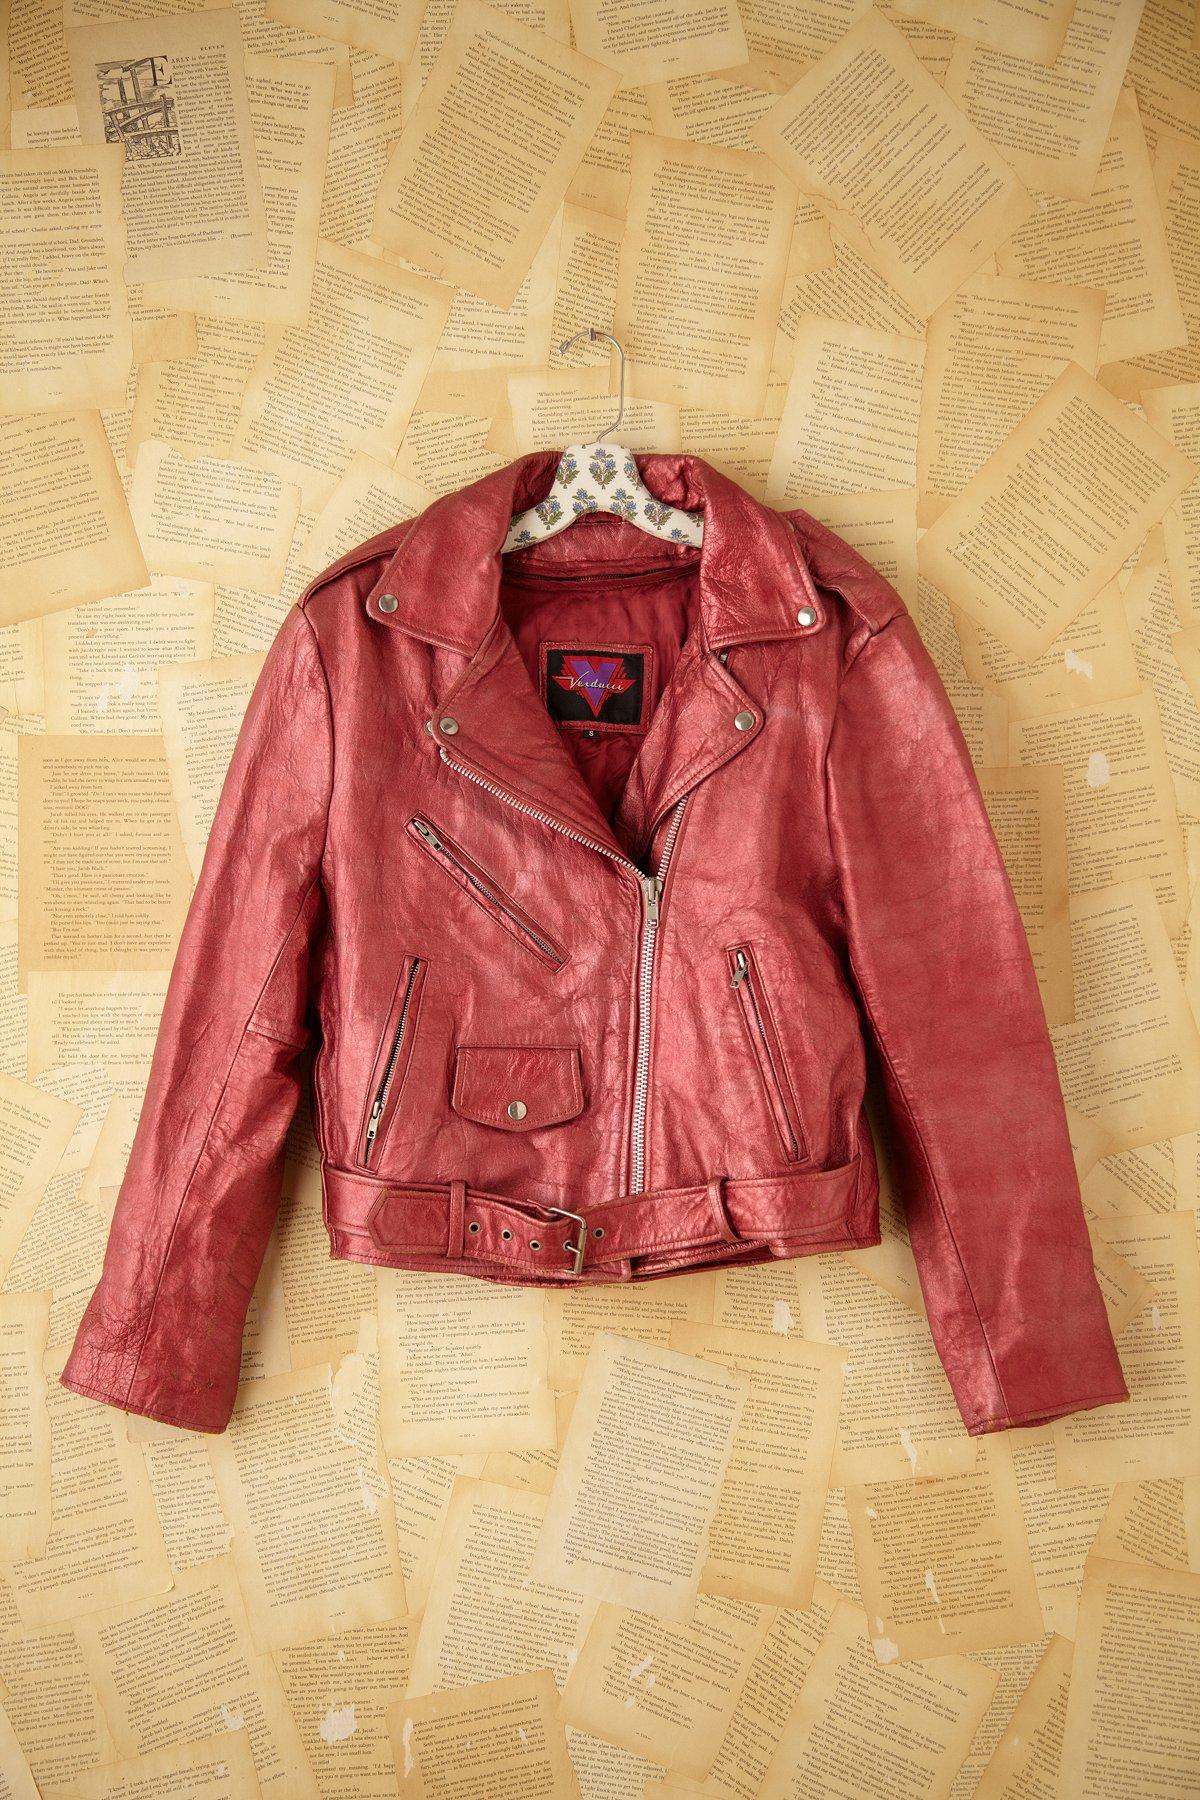 Vintage Metallic Jacket